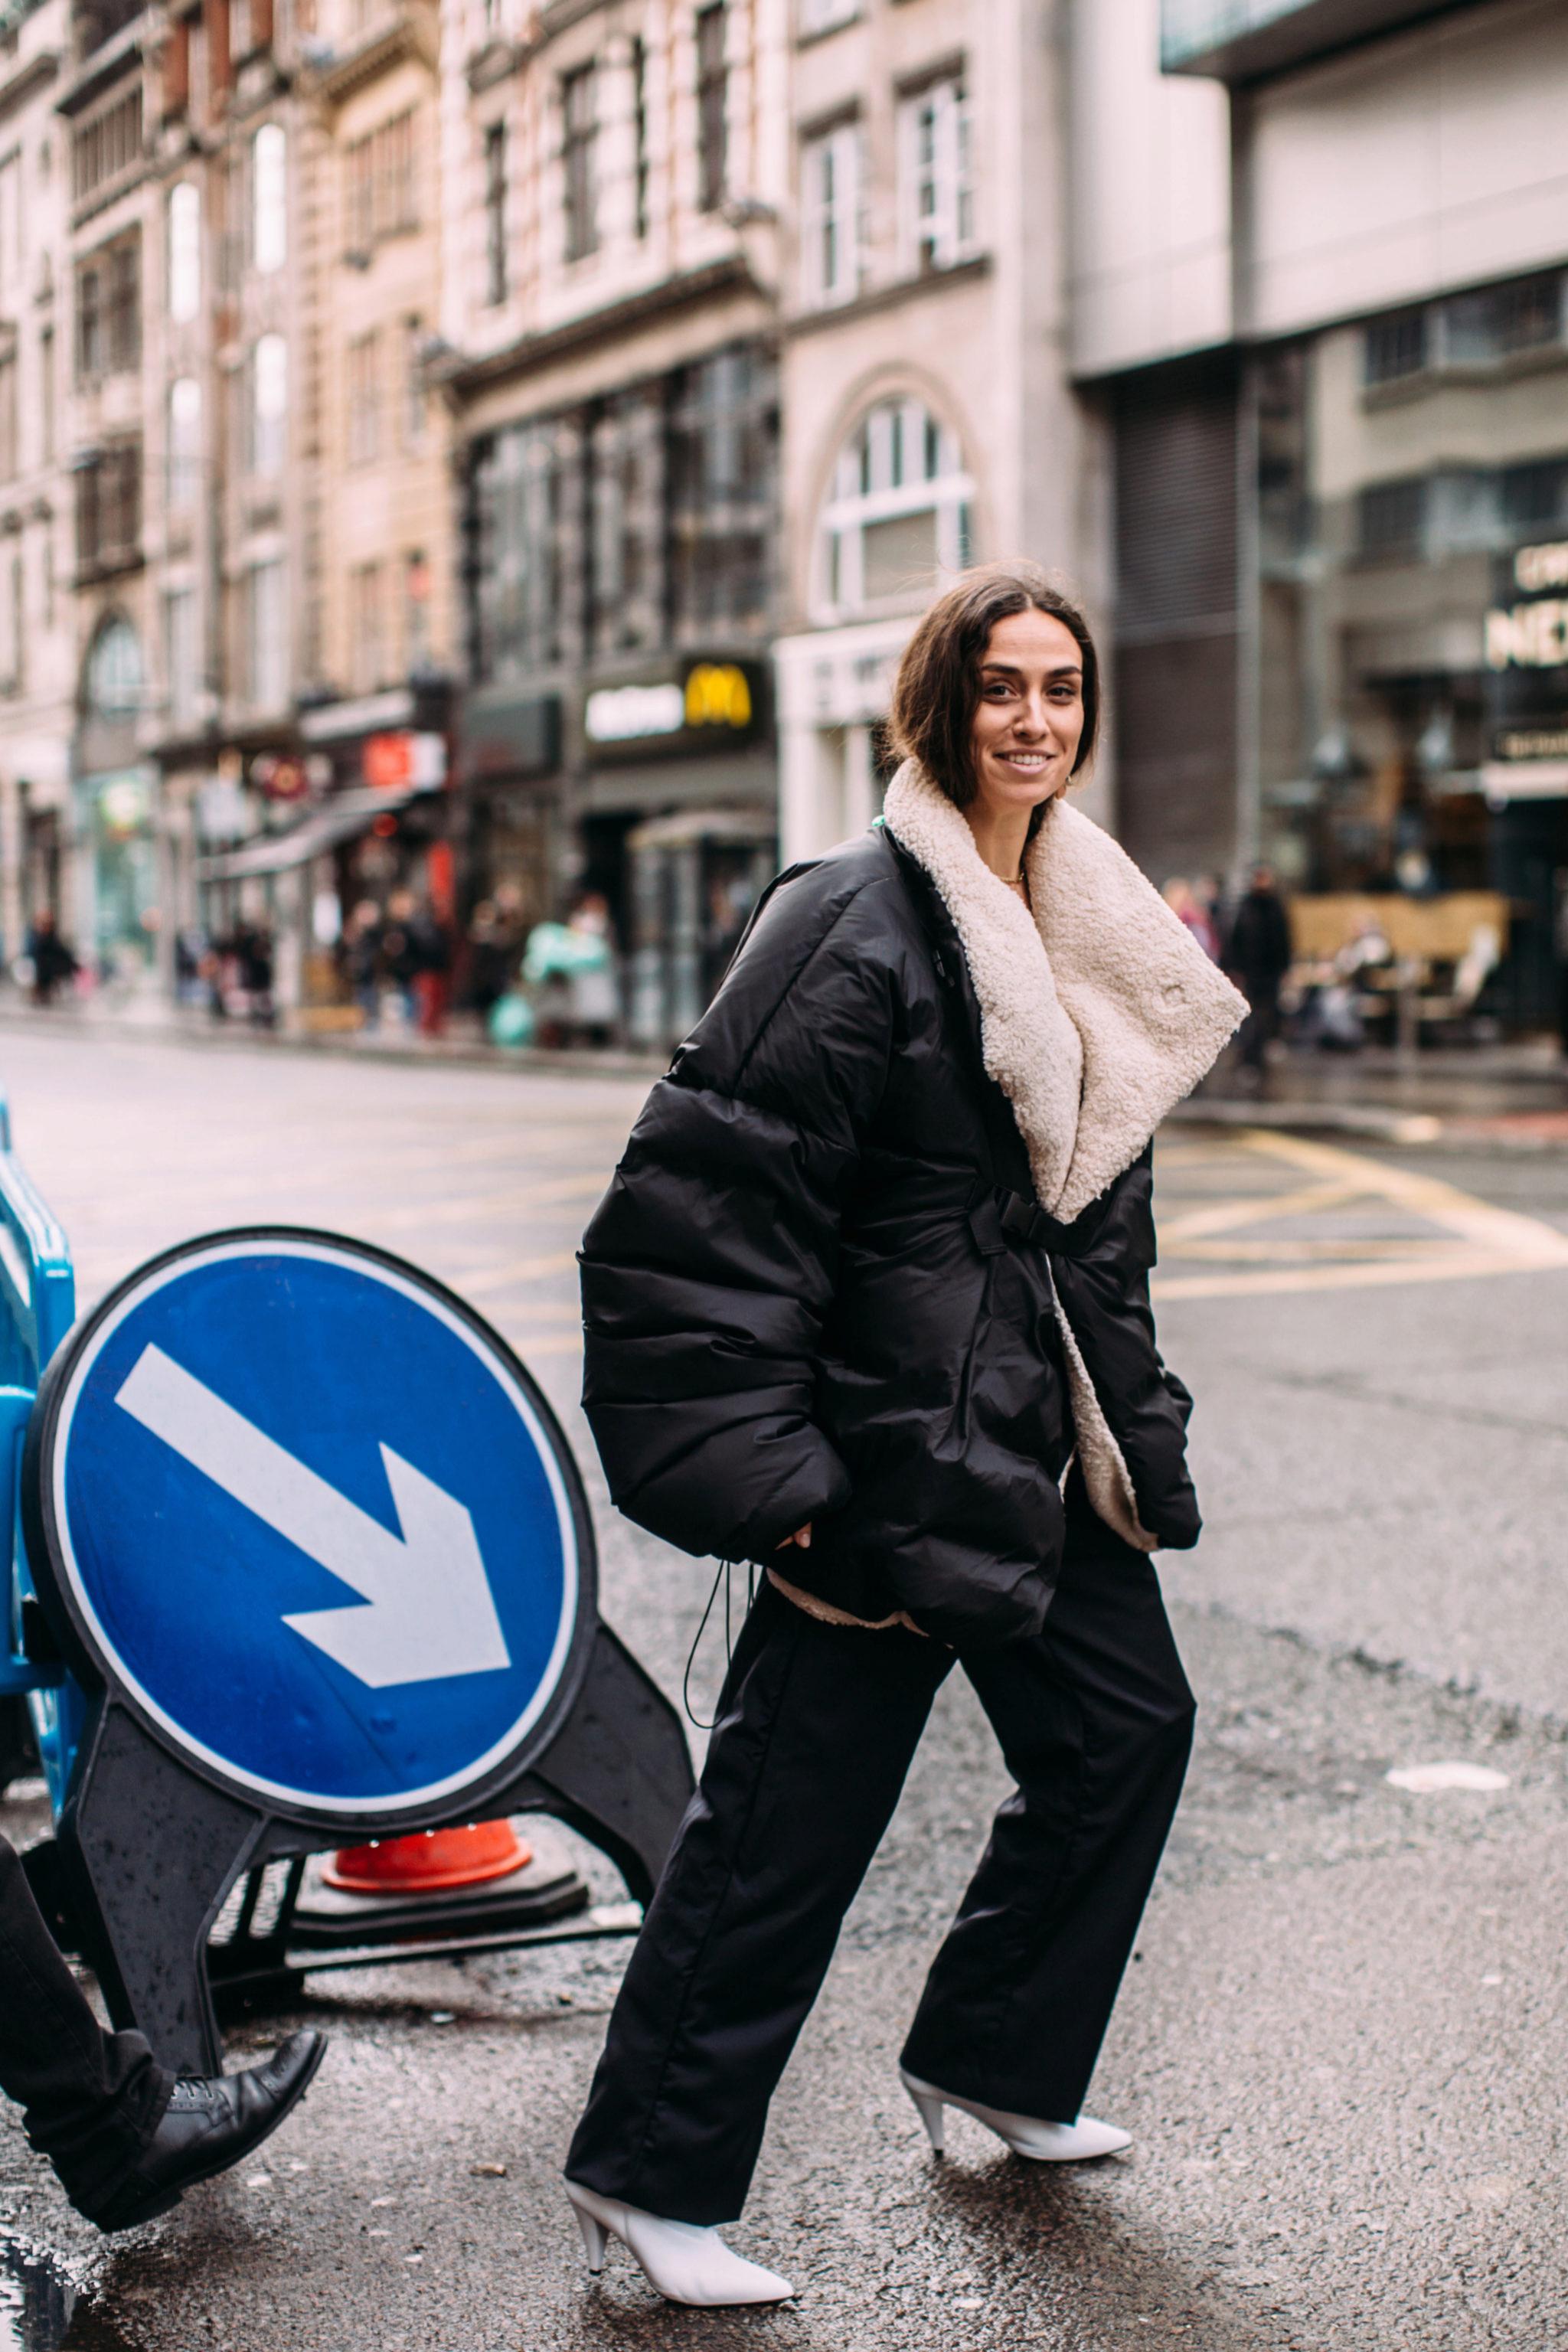 Un chaquetón acolchado puede tener mucho estilo